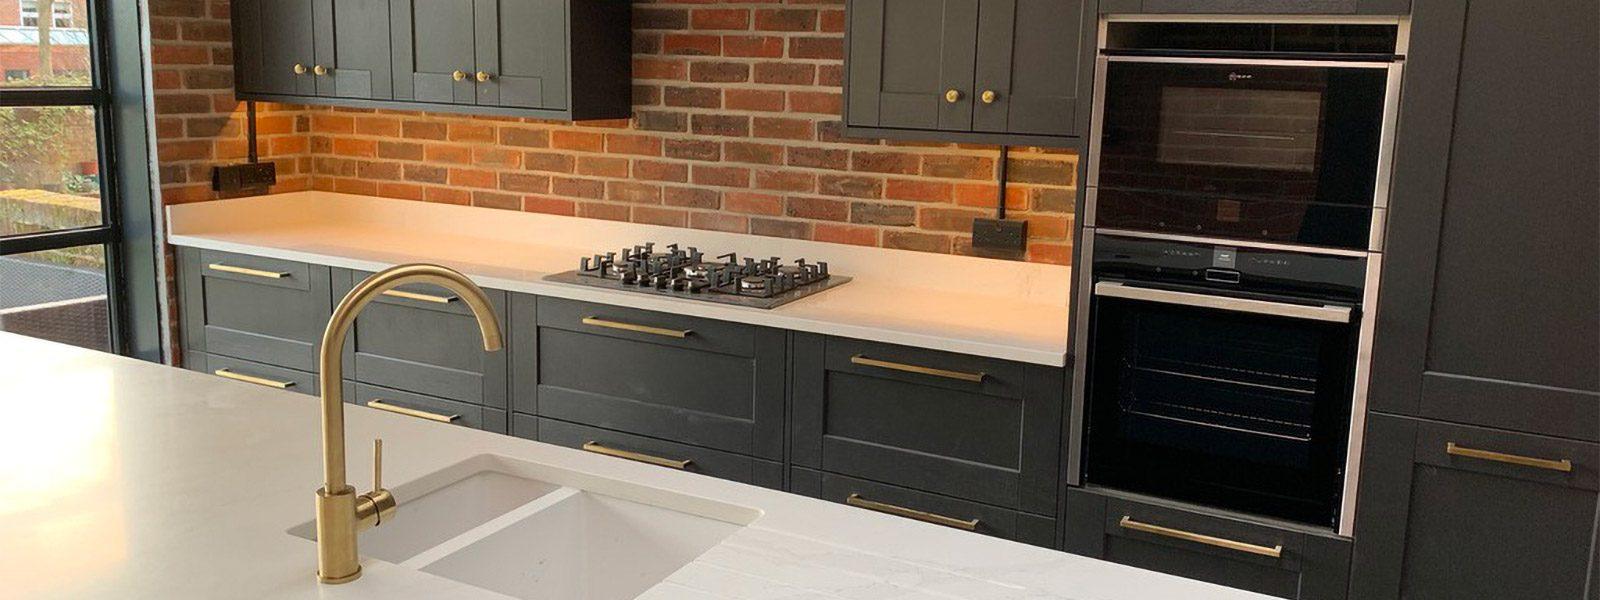 residential-kitchen-1-1600